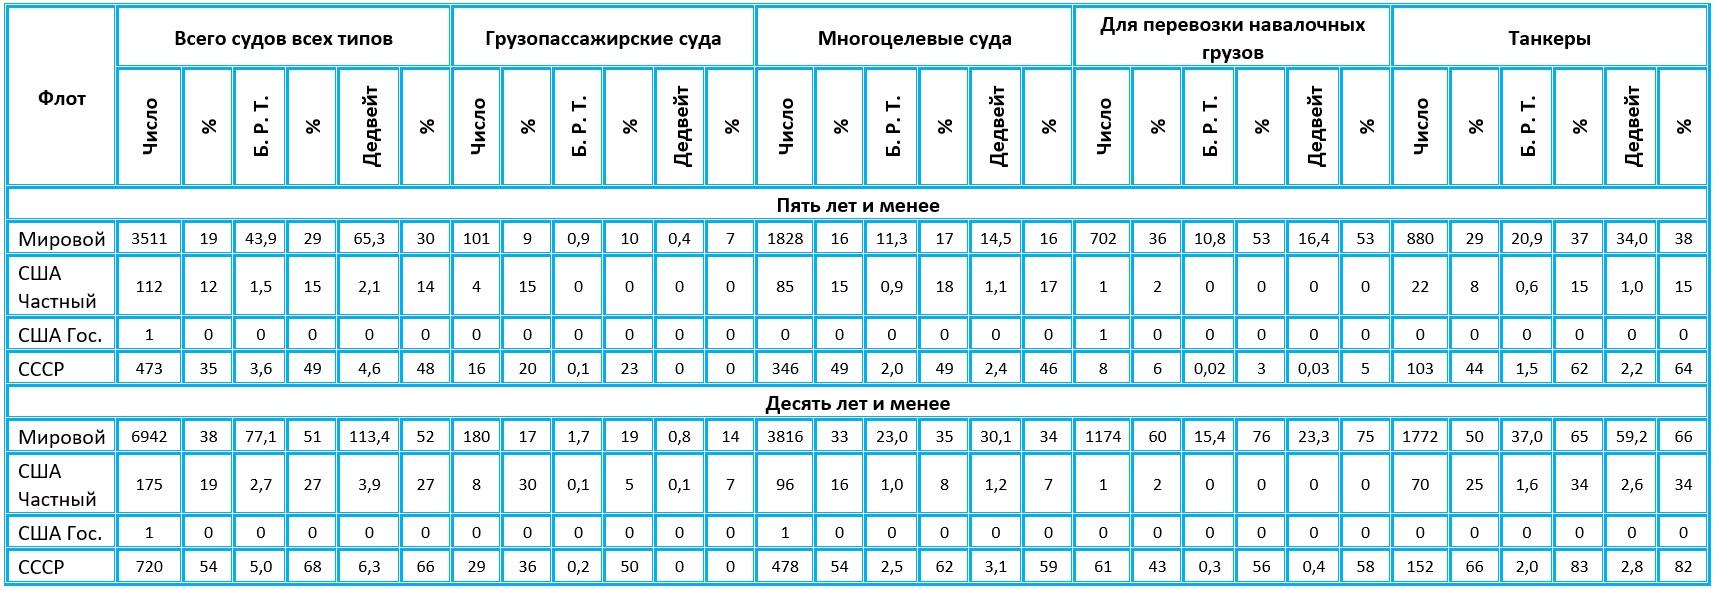 Таблица состава и возраста судов мирового торгового флота